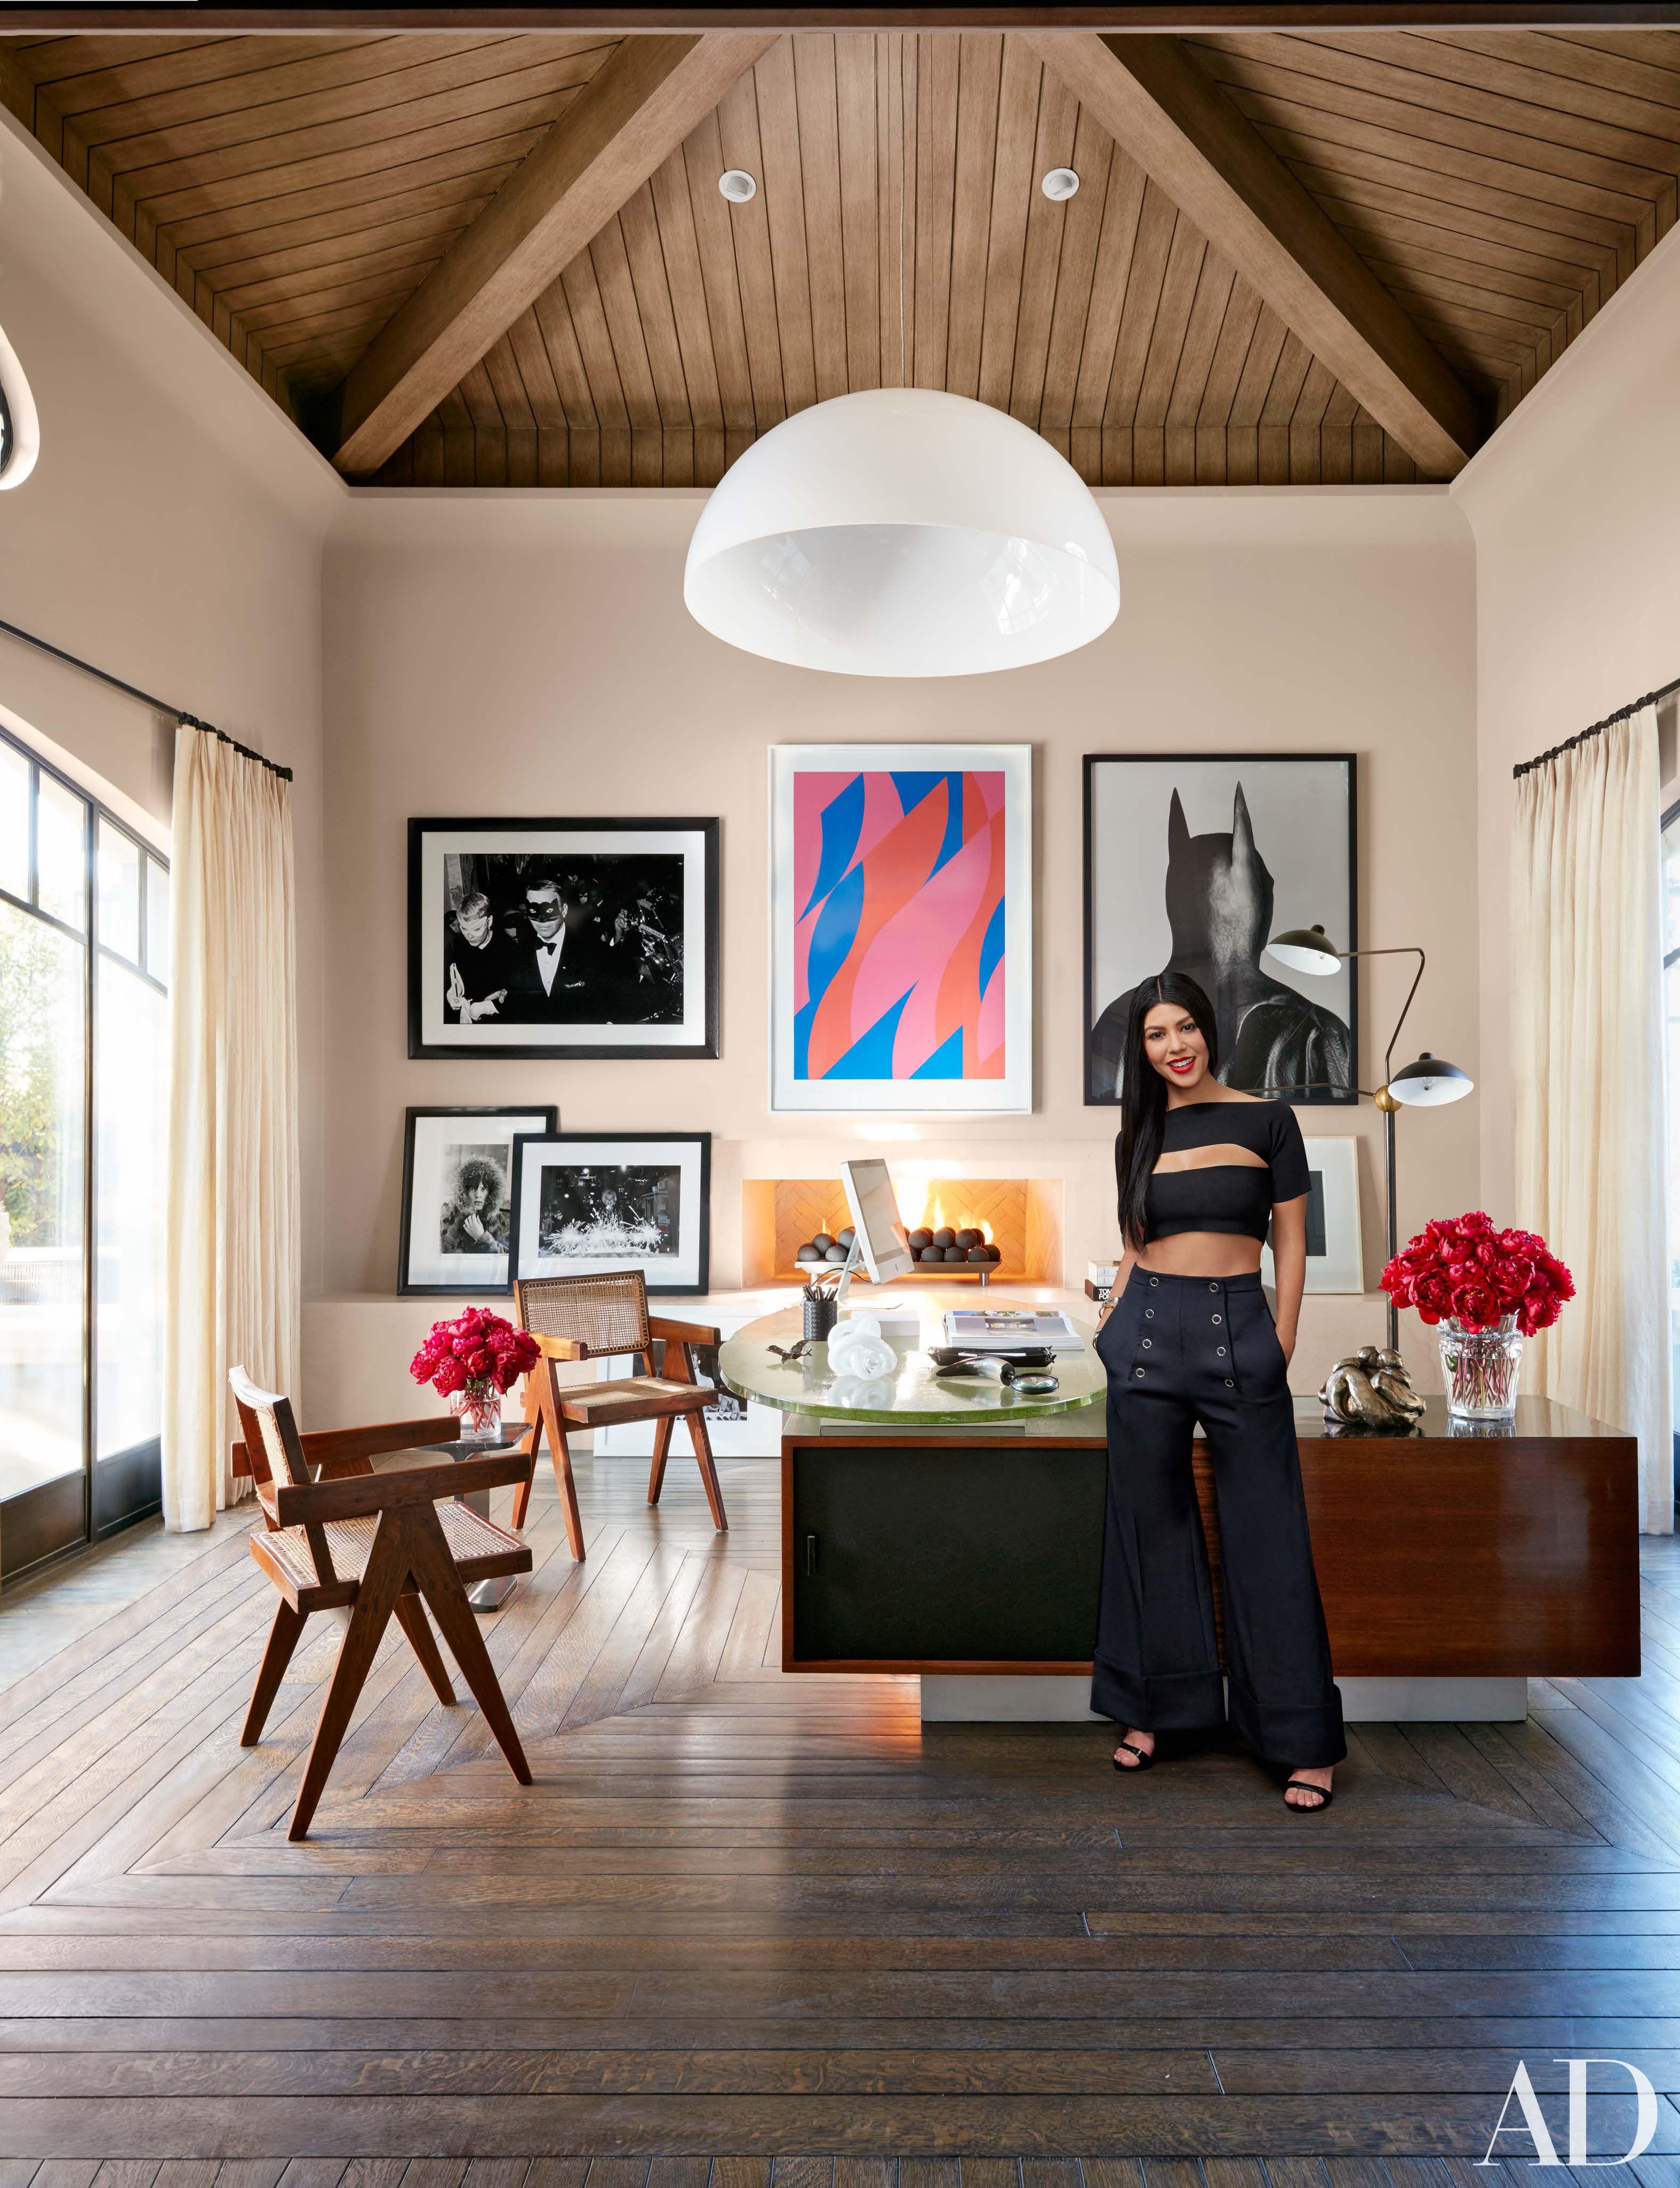 Por Dentro Da Casa De Kourtney Kardashian With Ver Casas Decoradas Por  Dentro With Casas Decoradas Por Dentro.